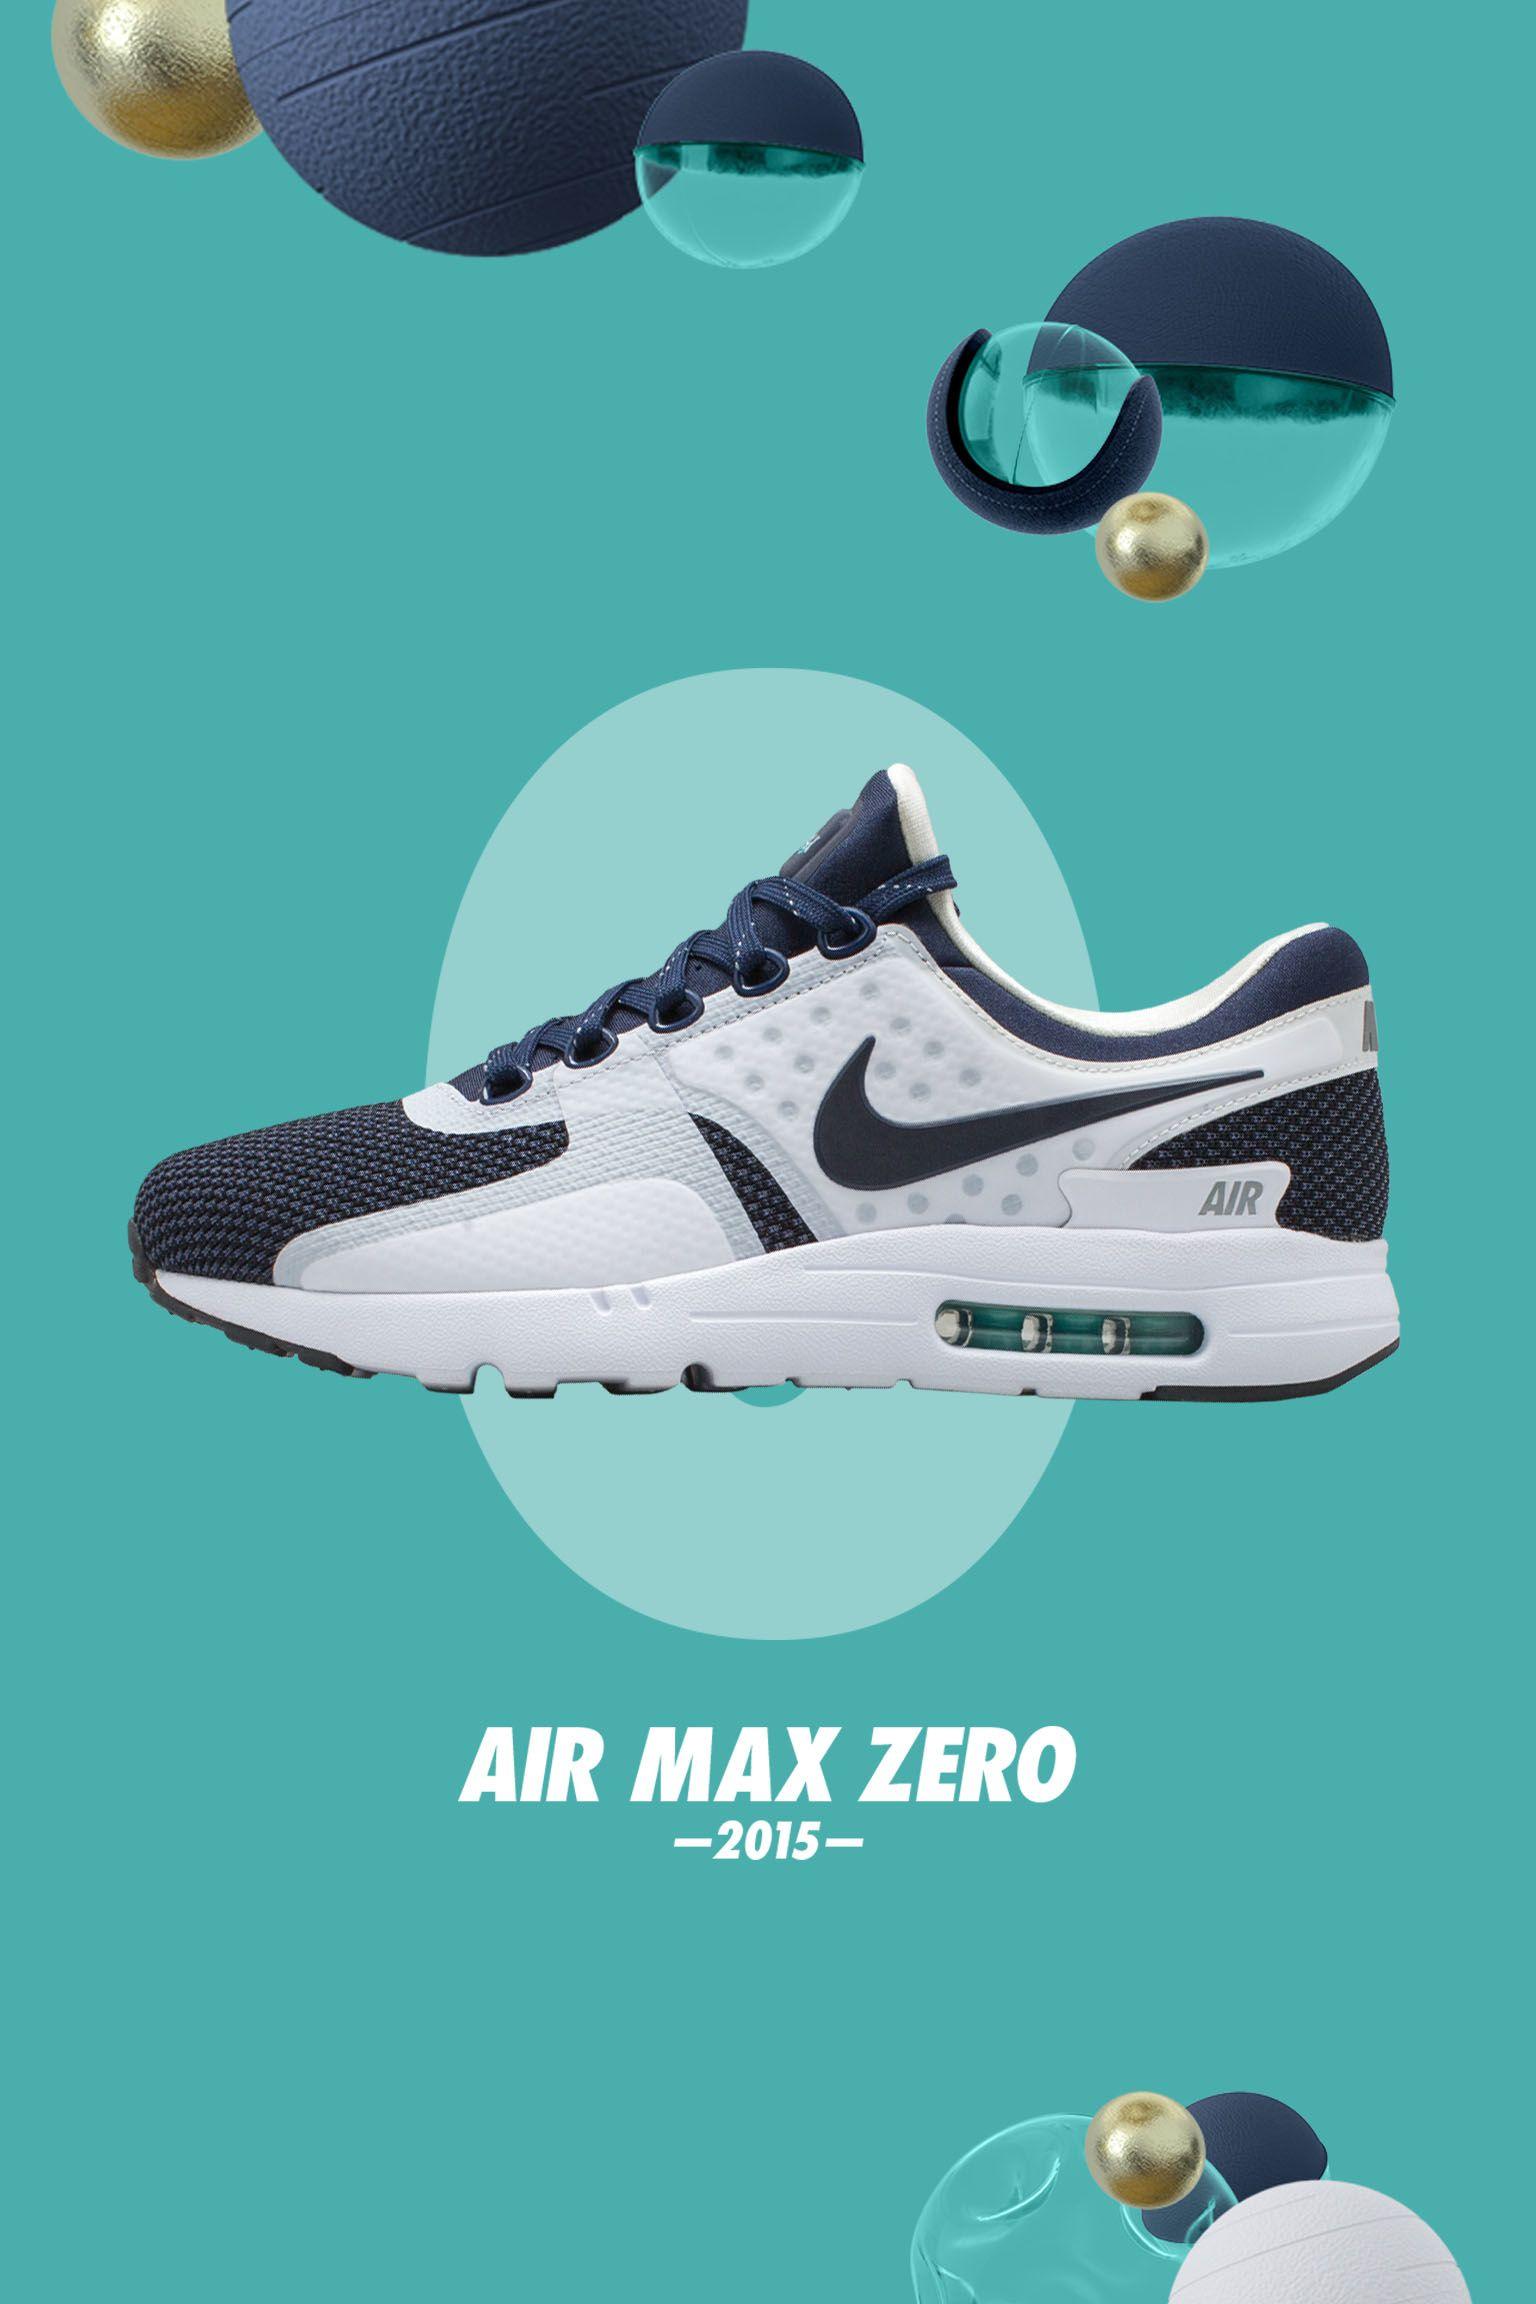 Nike Air Max Vote Back Winner